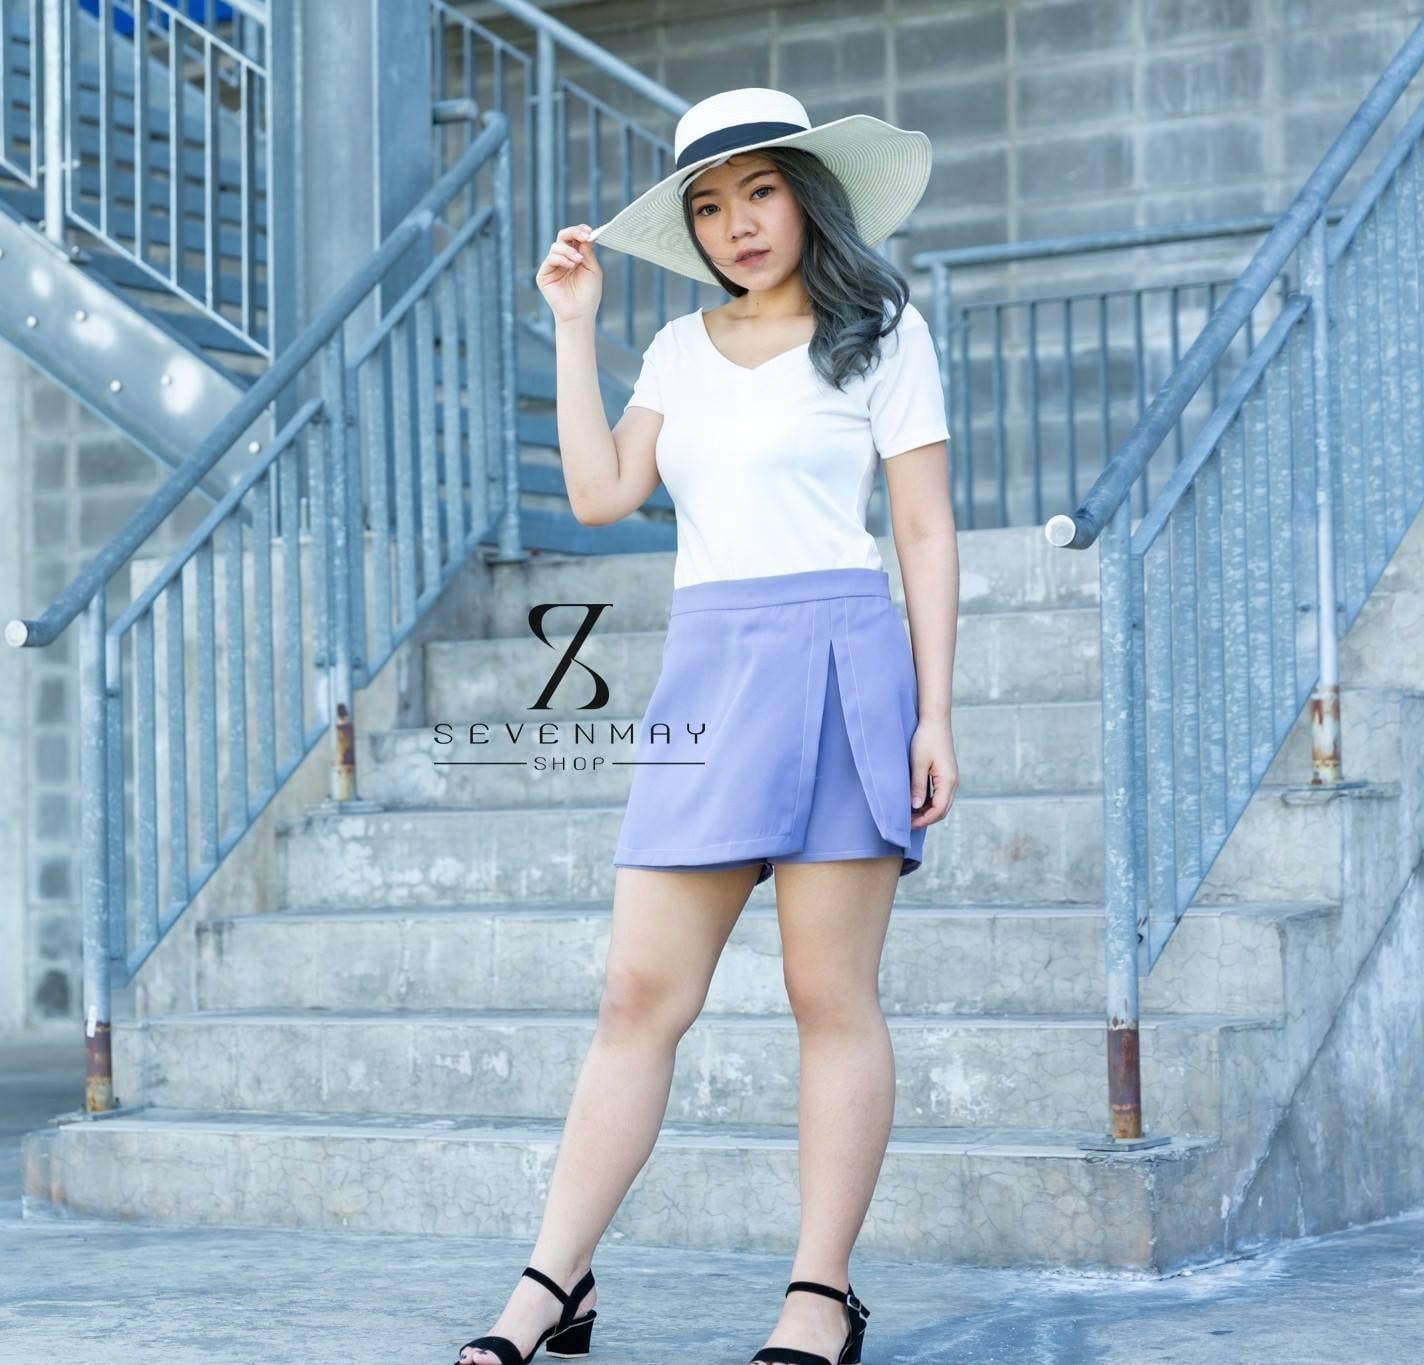 เสื้อผ้าแบรนด์ไทย แบบชุดผ้าไหมไทยทันสมัย แบบเสื้อผ้าไหม แฟชั่นสาวอวบ เสื้อผ้าคนอ้วน เสื้อผ้าคนอวบ